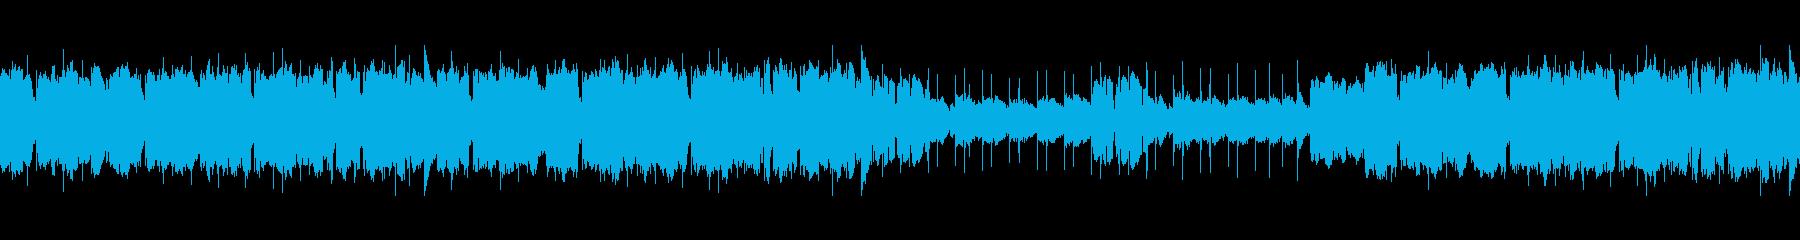 アイリッシュ風のインスト2(ループ)の再生済みの波形